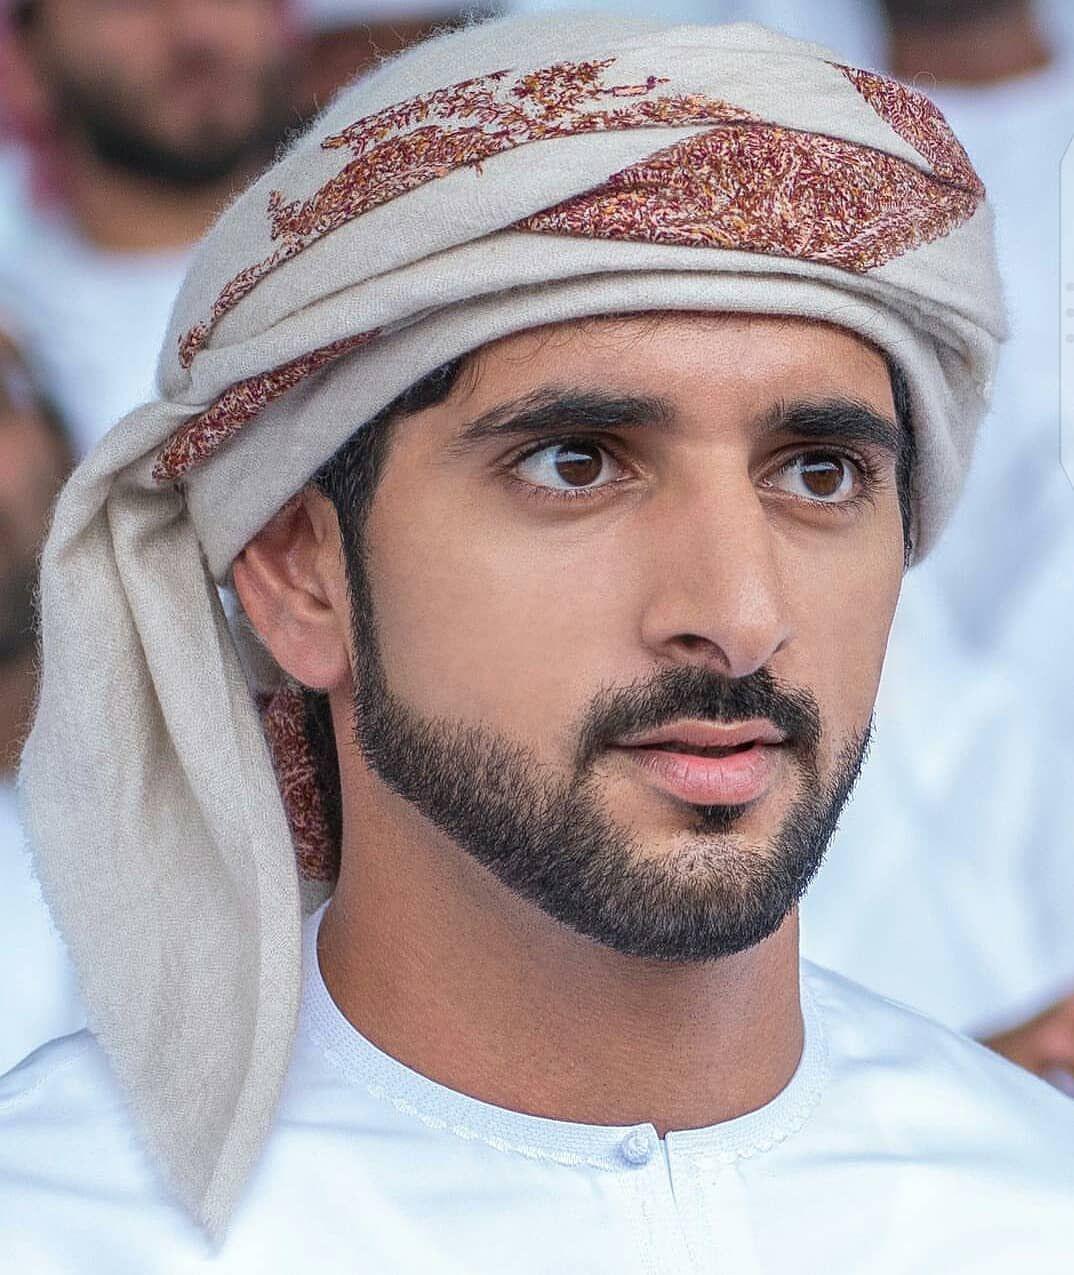 красивые фотографии арабов